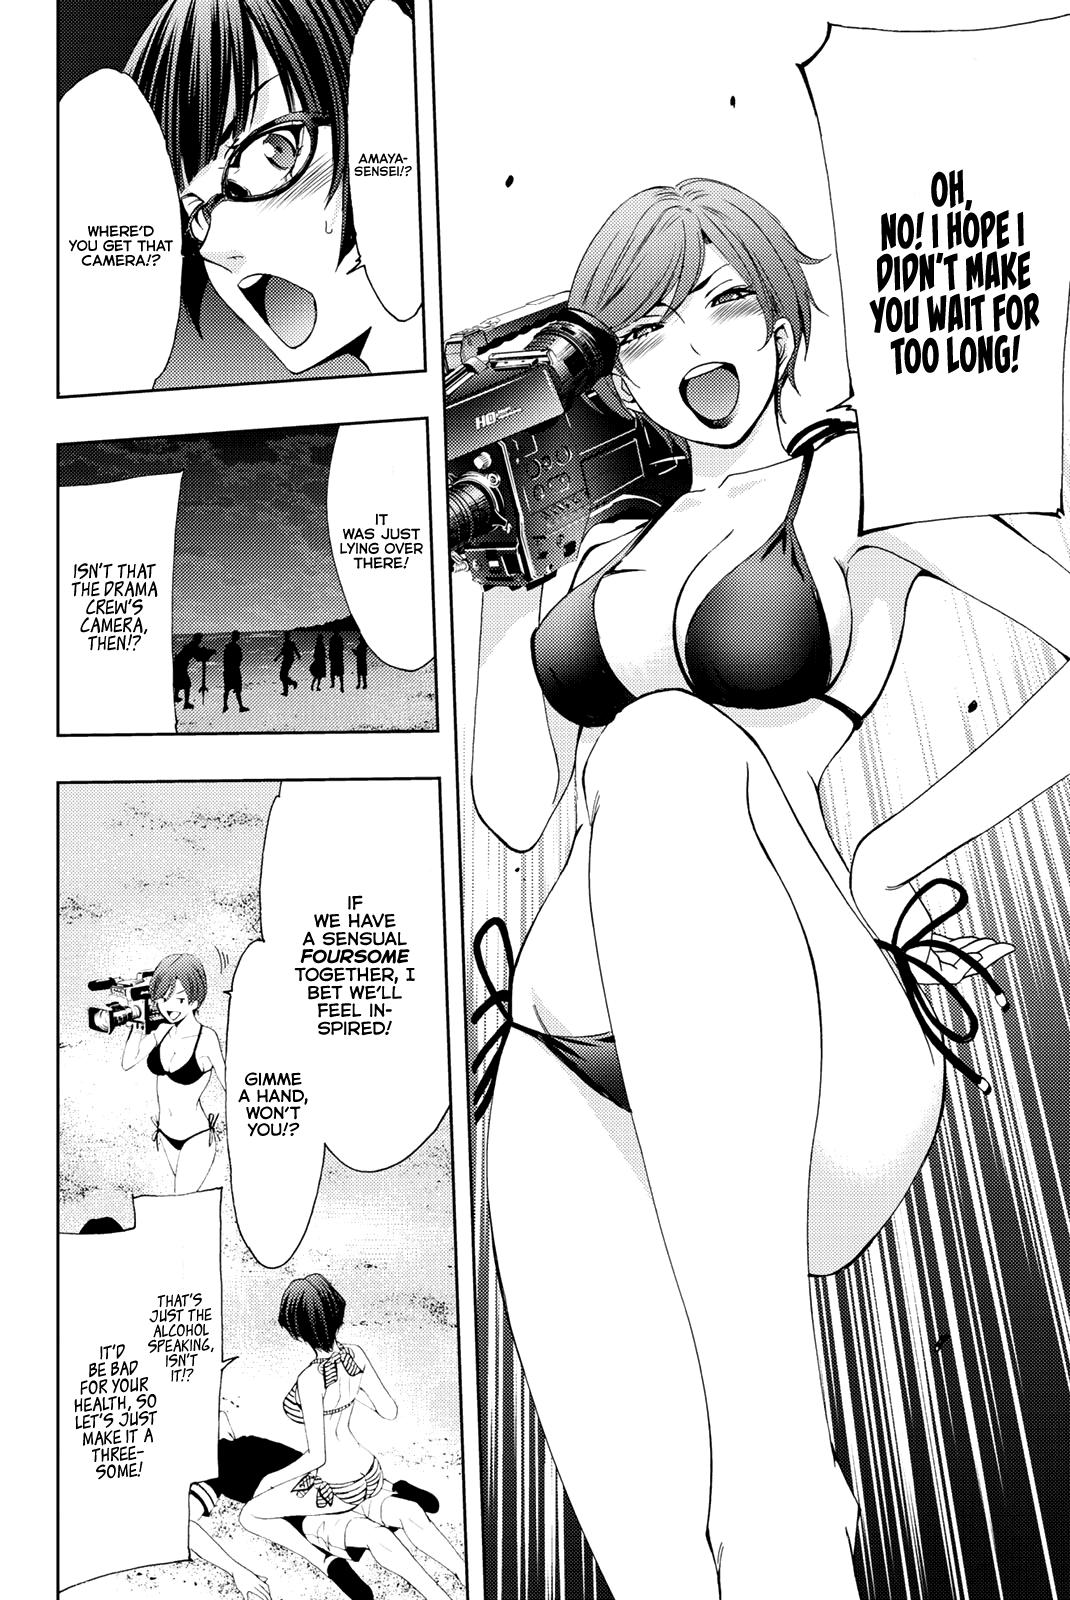 Manga Hitman (Kouji Seo) - Chapter 62 Page 15